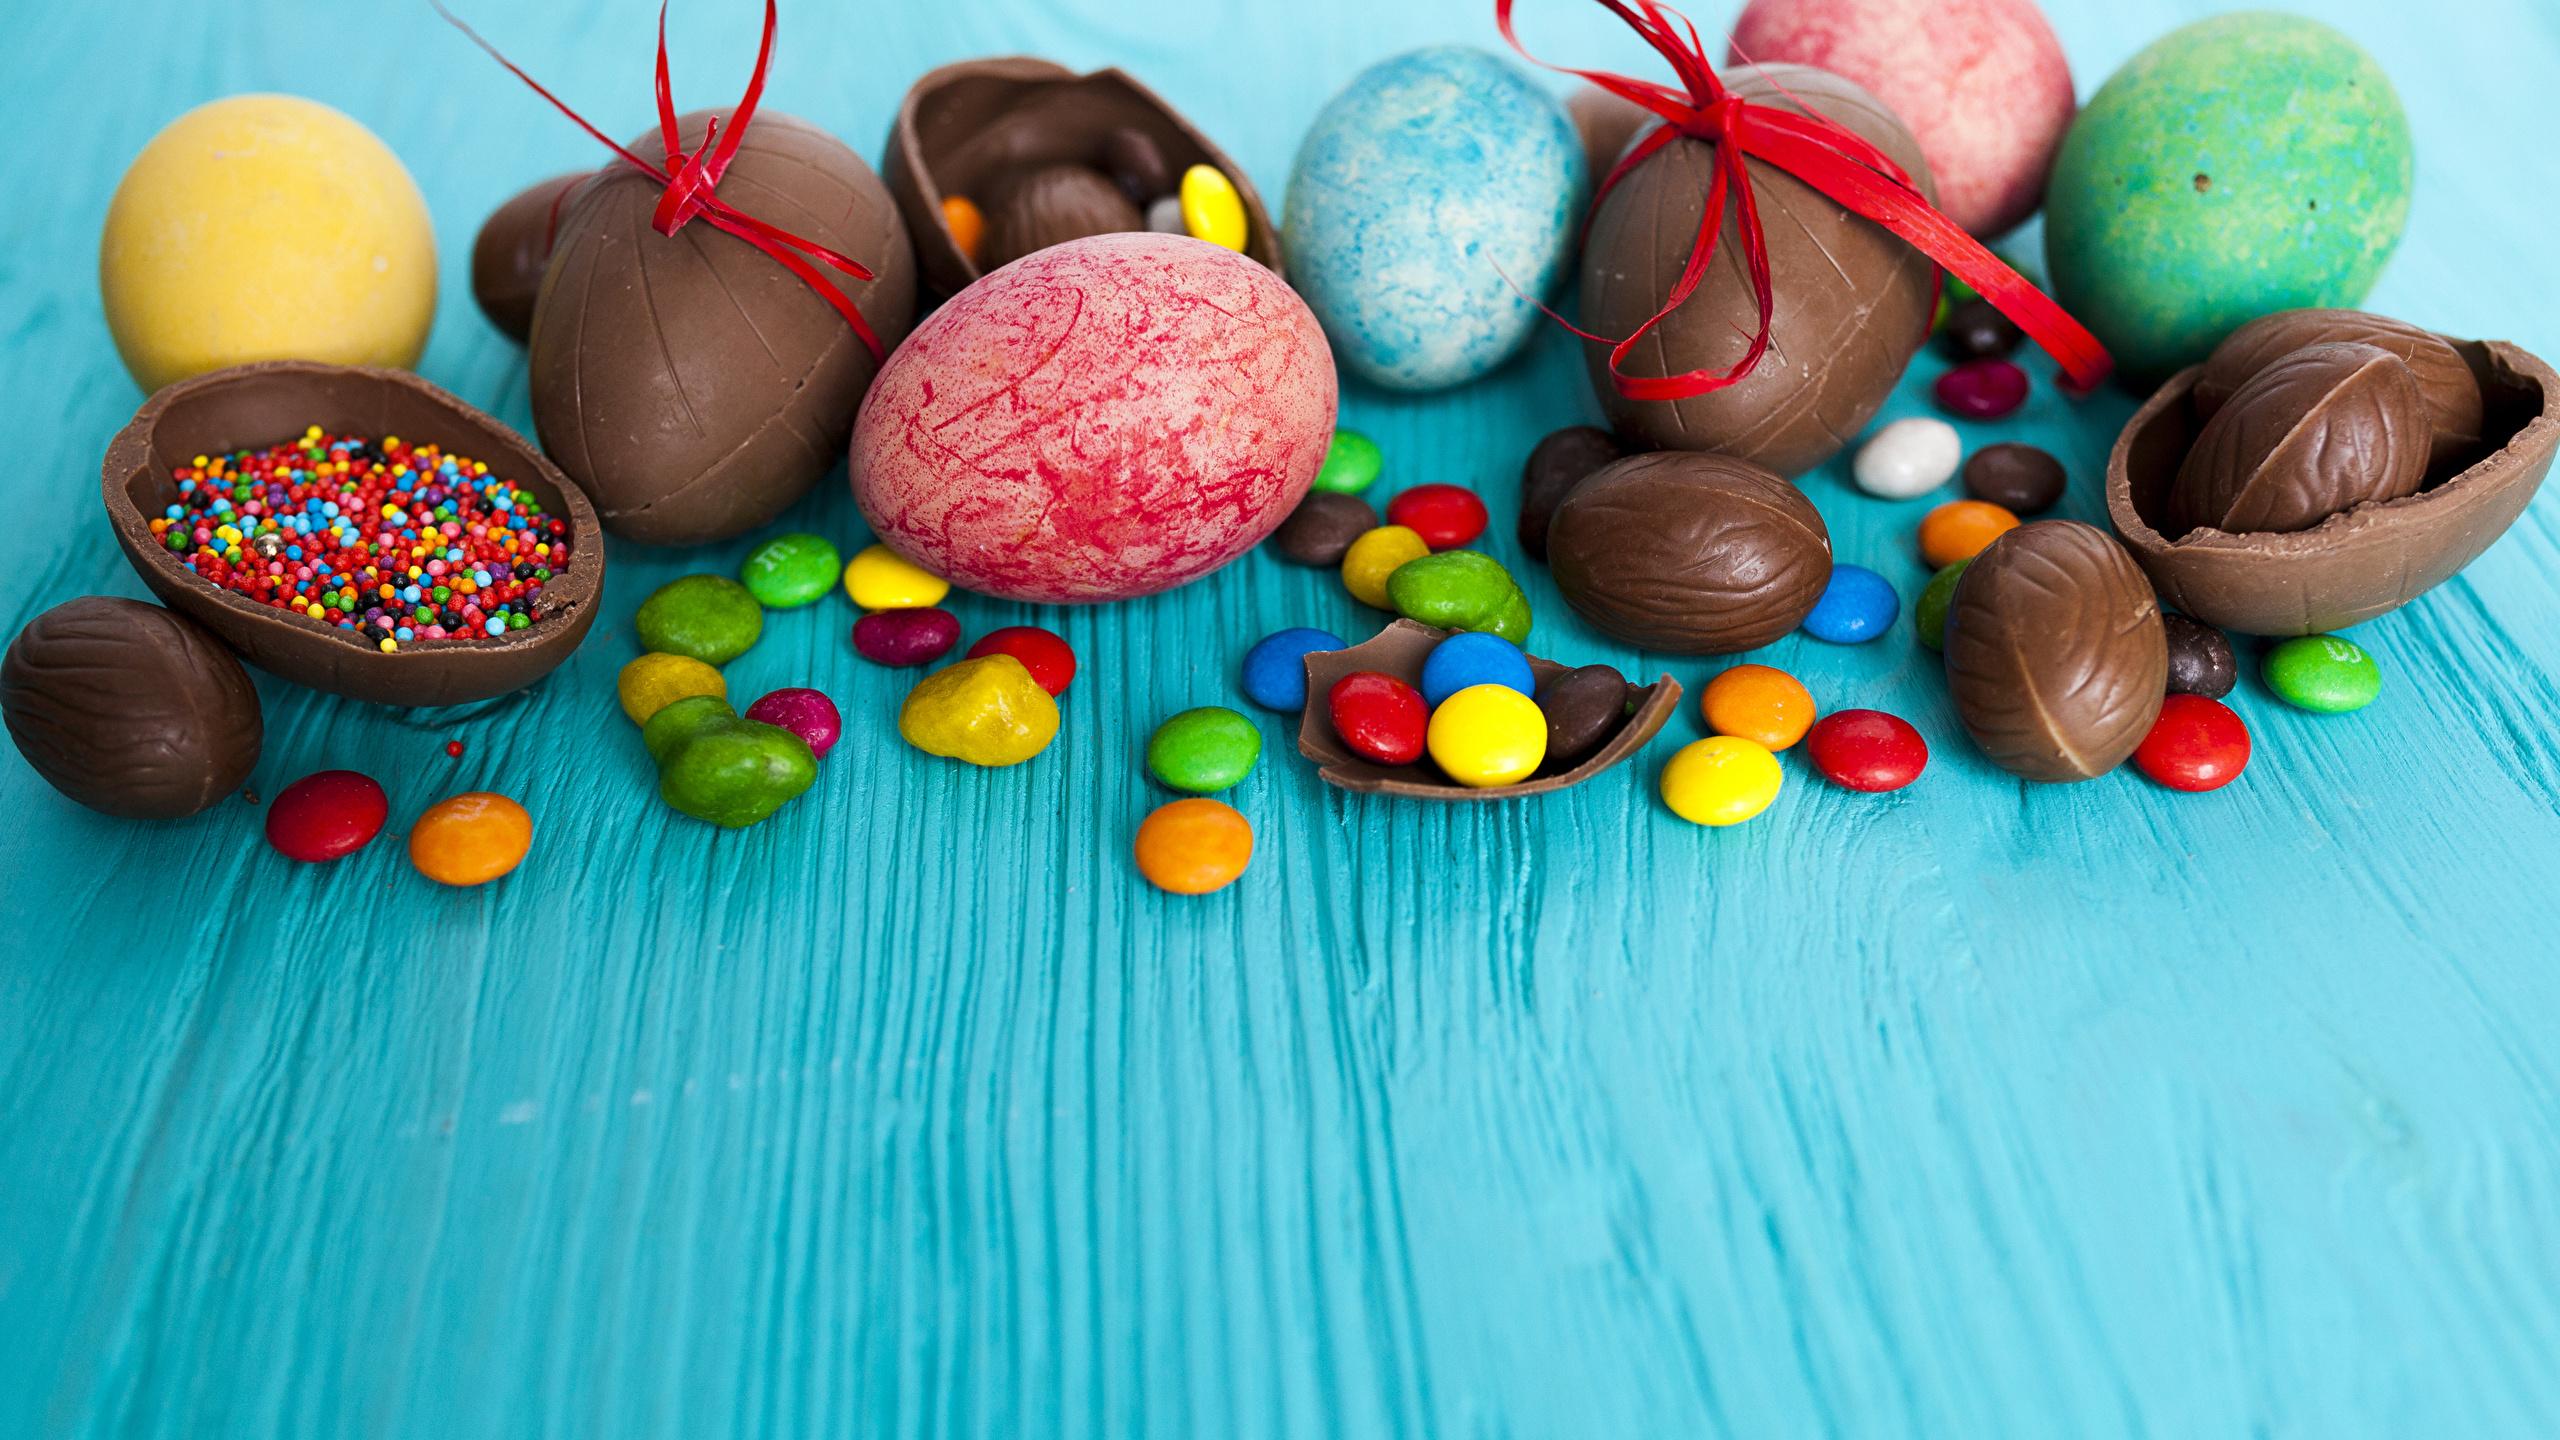 Фото Пасха яиц Шоколад Конфеты Еда сладкая еда 2560x1440 яйцо Яйца яйцами Пища Продукты питания Сладости